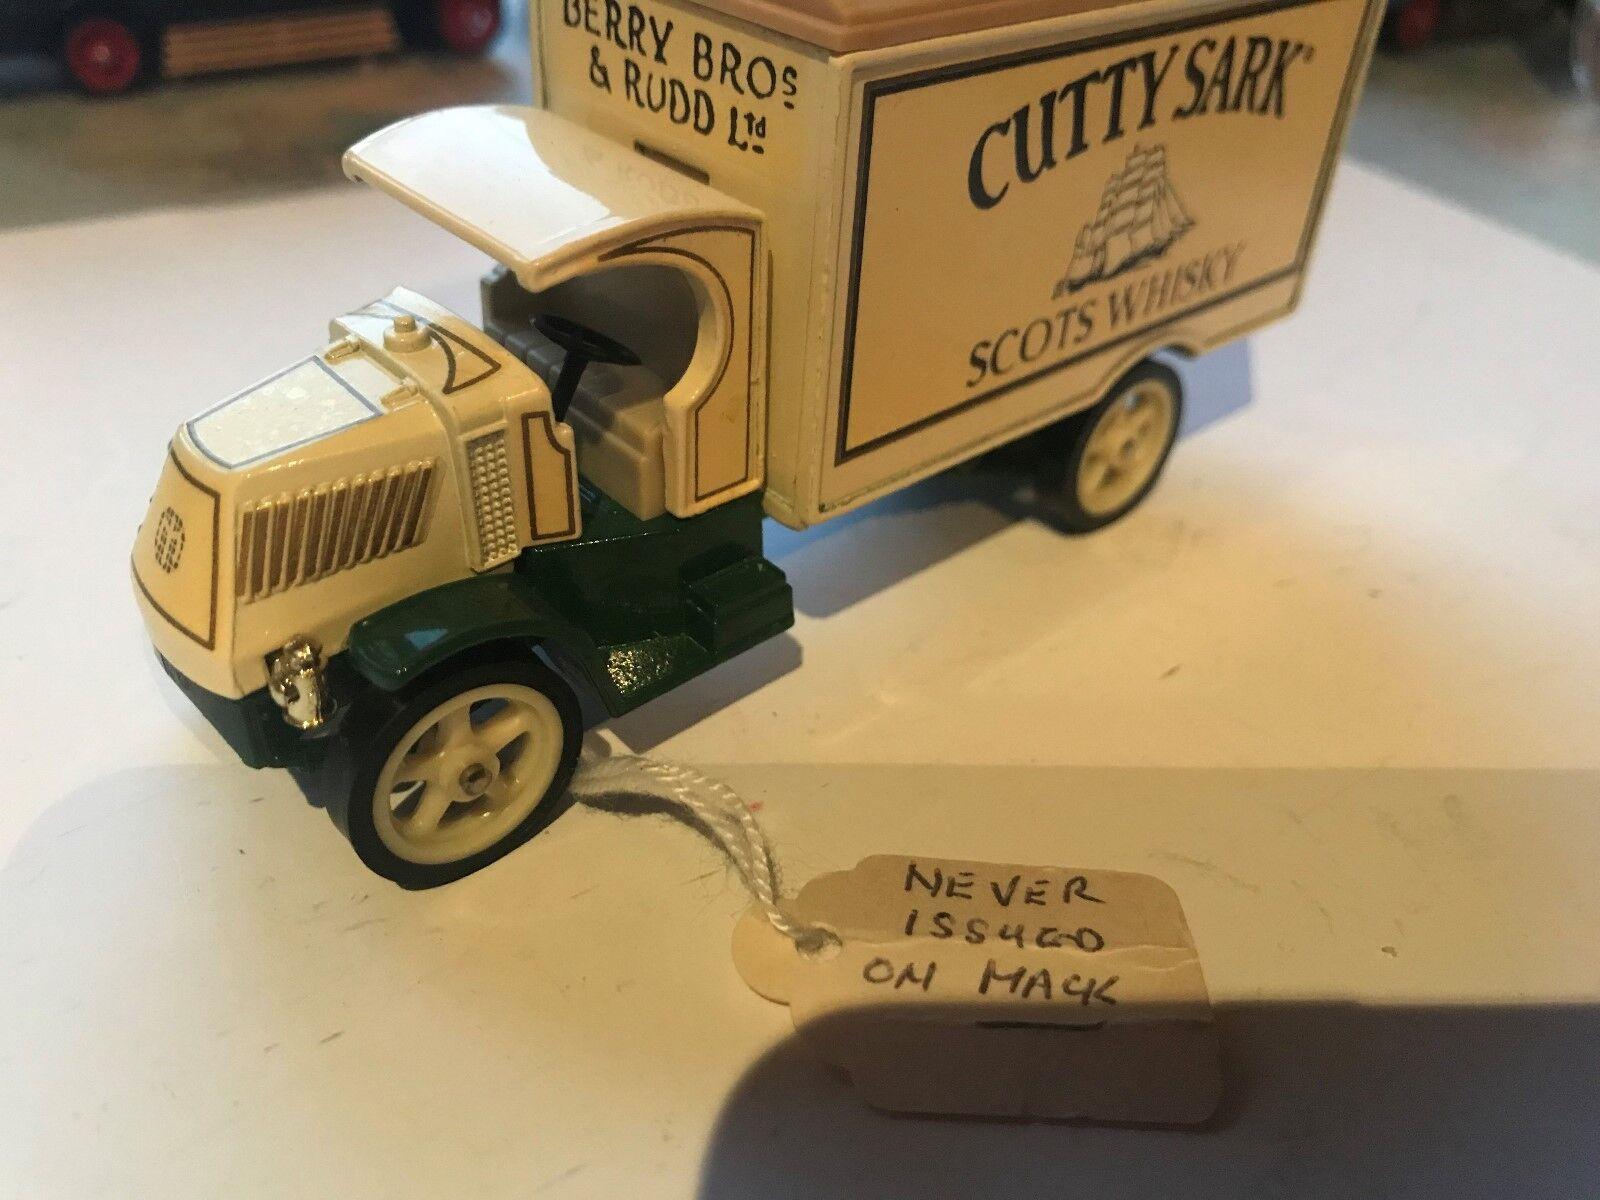 Crema rara, YY-30 Mack,  Cutty Sark  de agua caja de pre-pro-no de etiquetas, MoY,